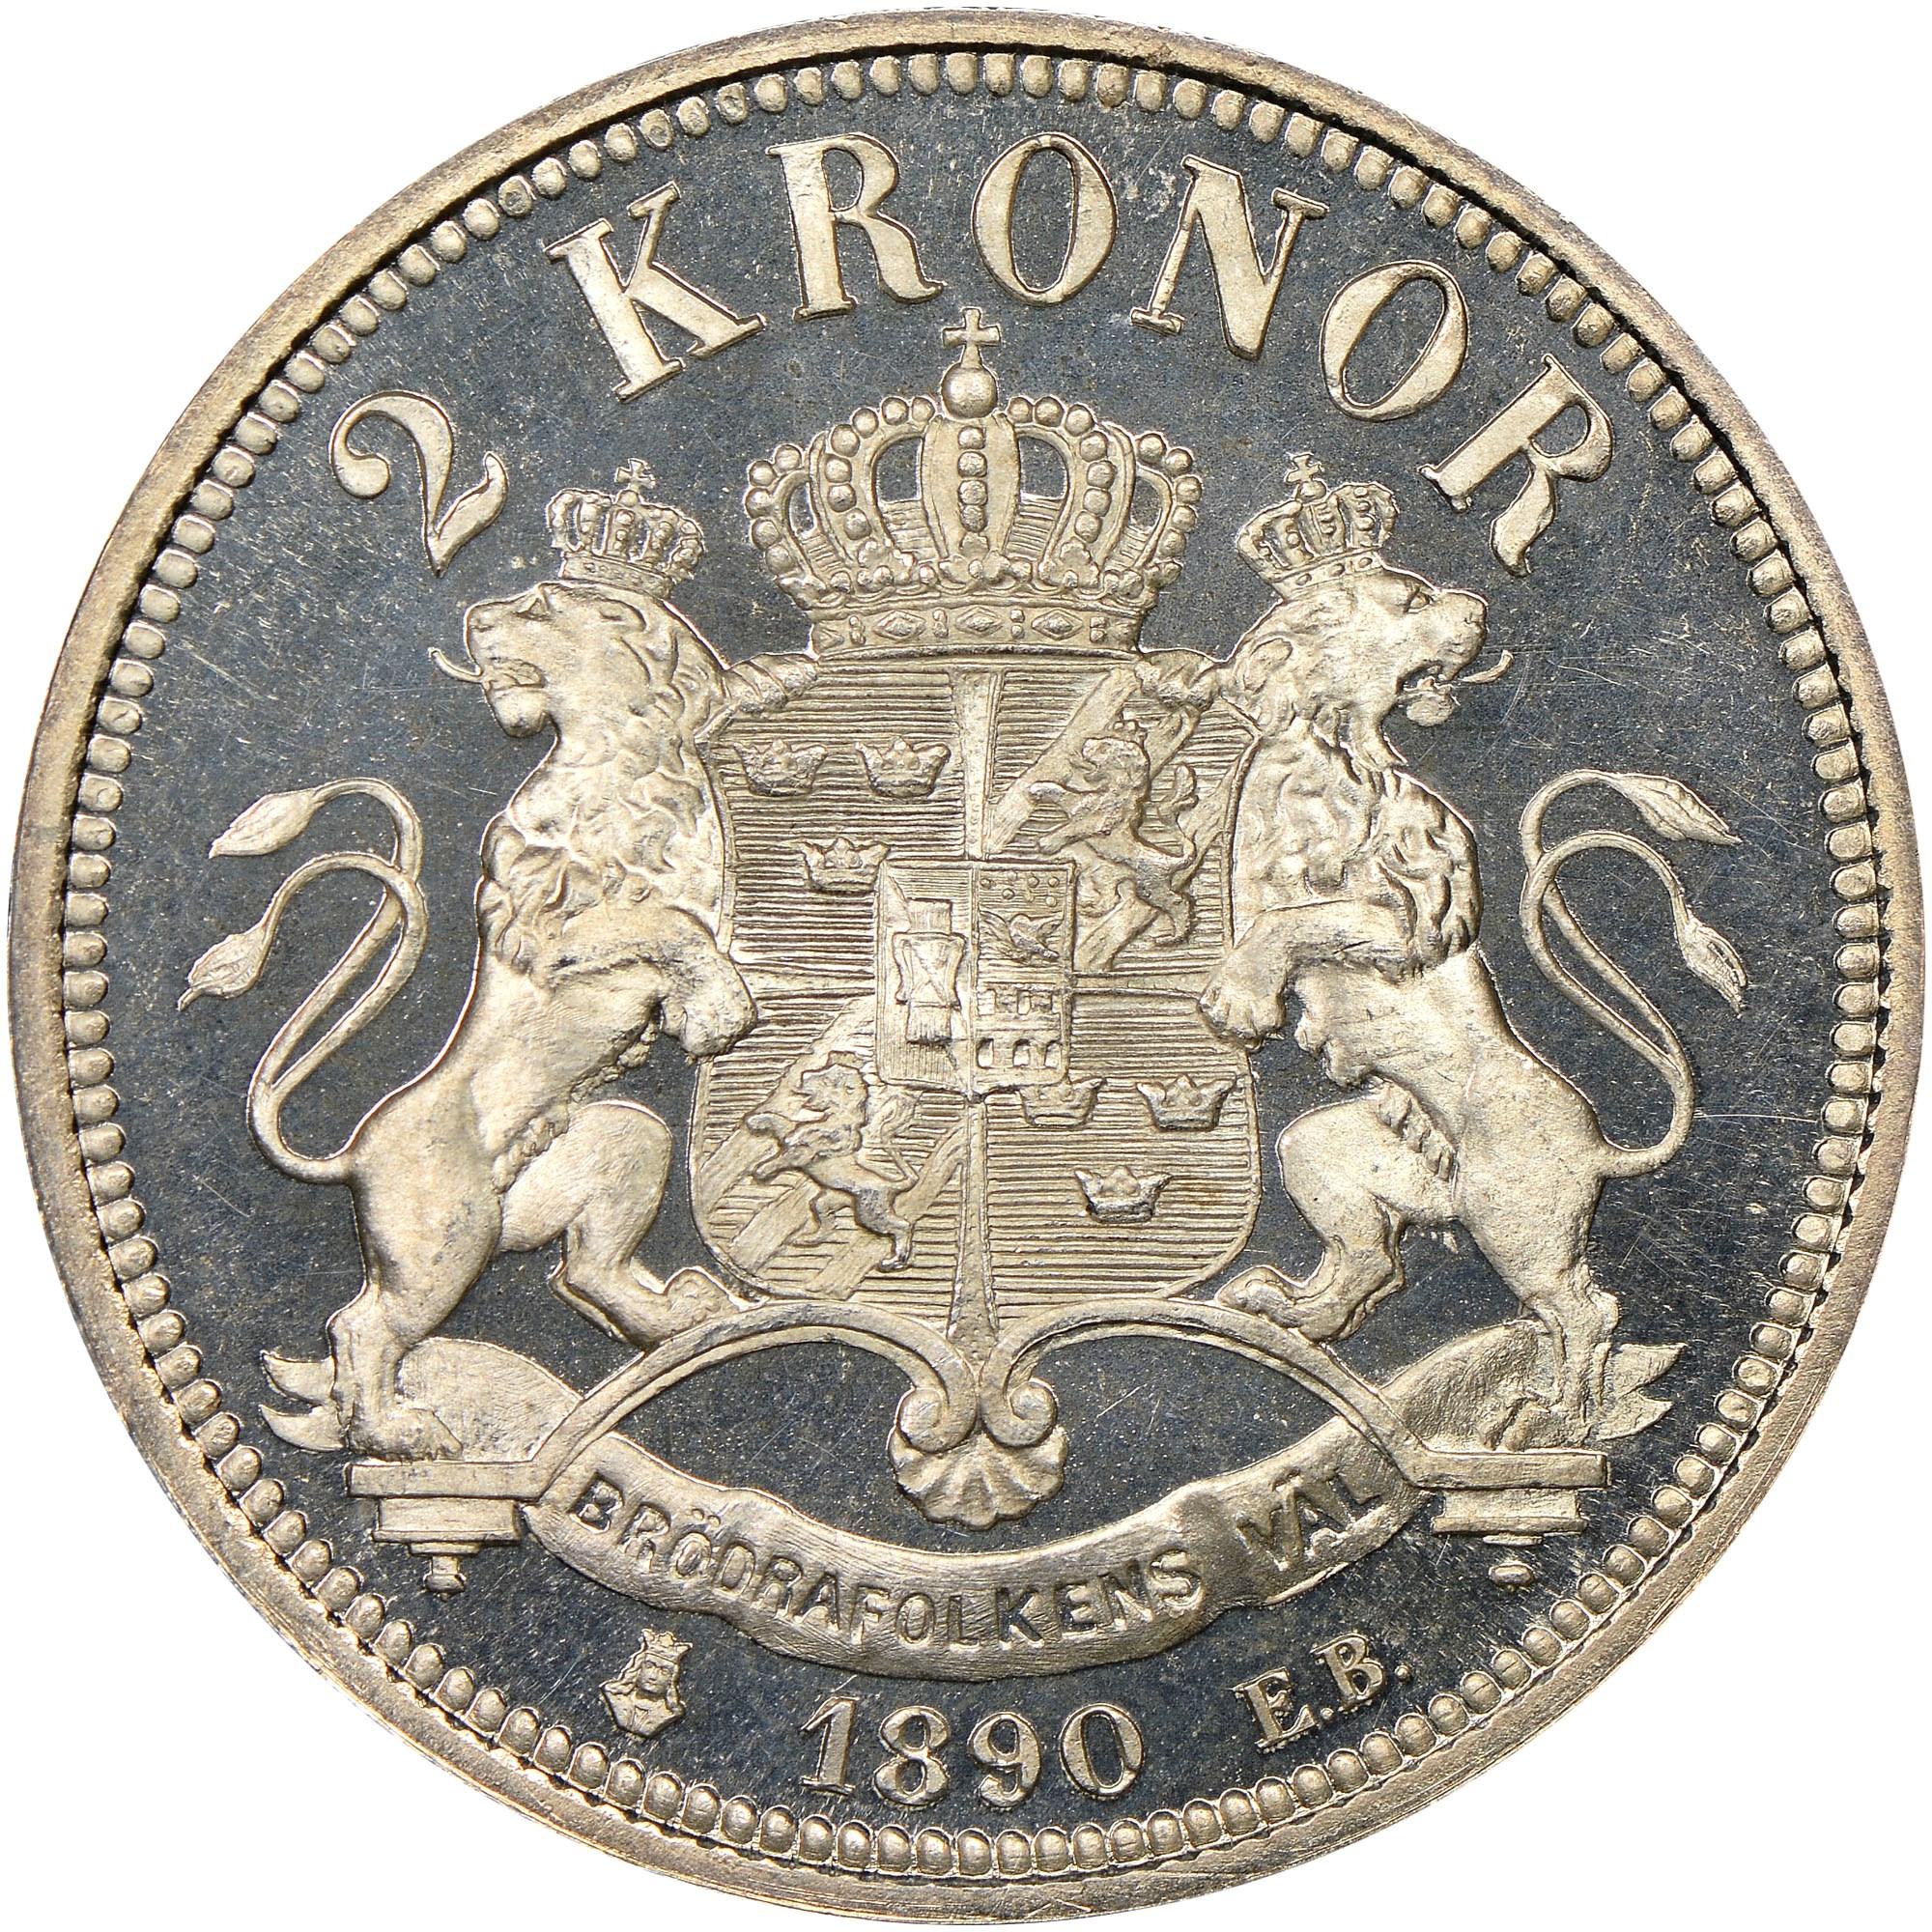 Sweden 2 Kronor reverse